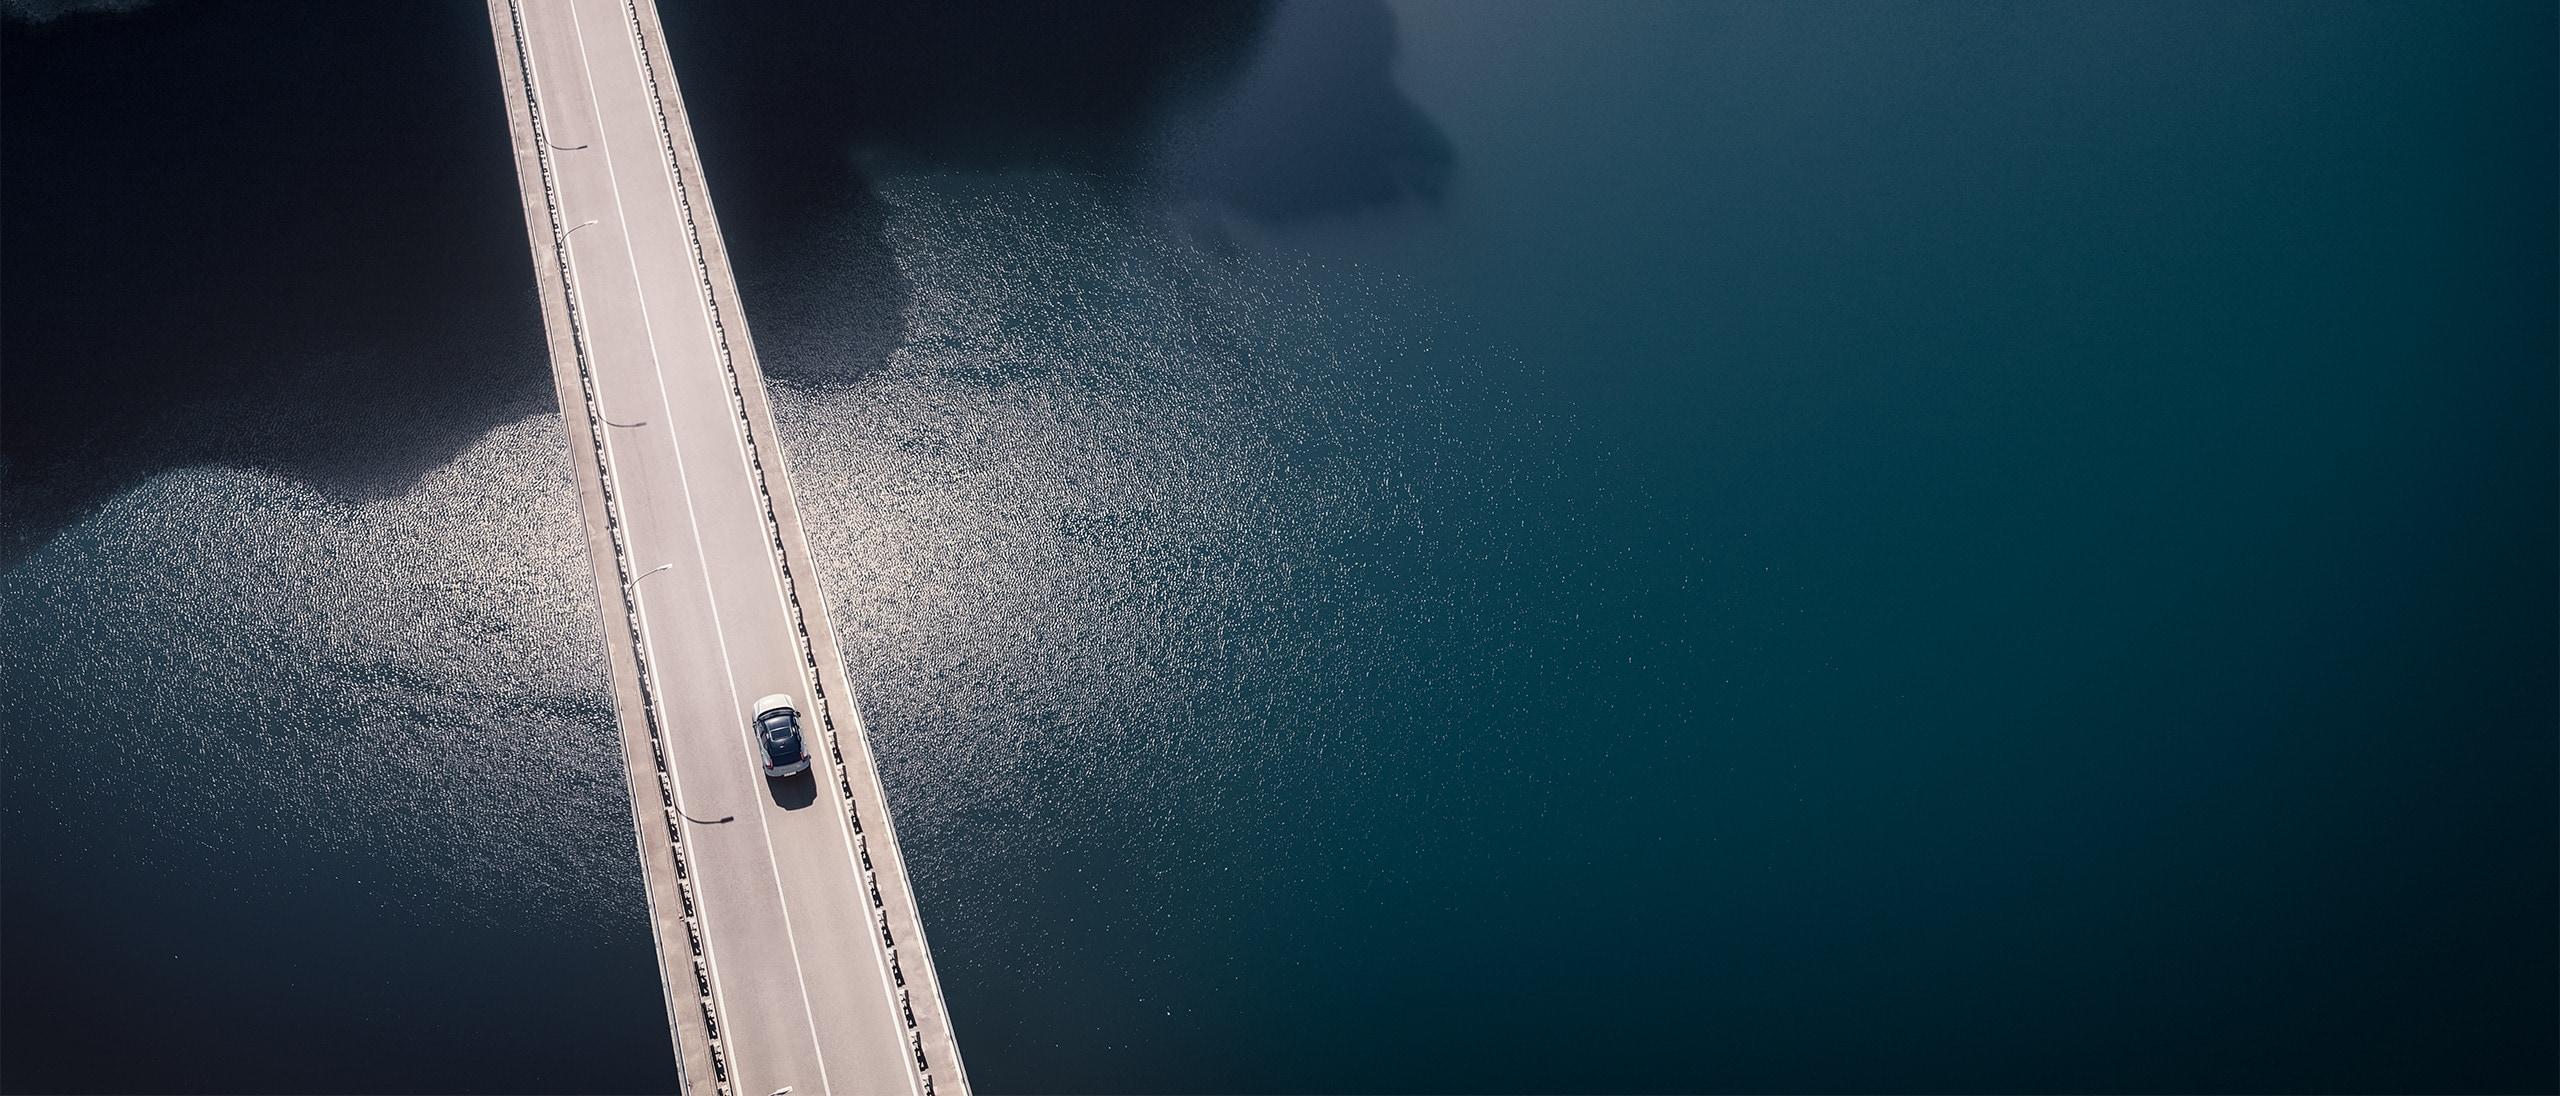 Vue aérienne d'un nouveau SUV Volvo XC40 Recharge électrique sur un pont à deux voies au-dessus d'une eau calme gris foncé, en direction d'un tunnel.